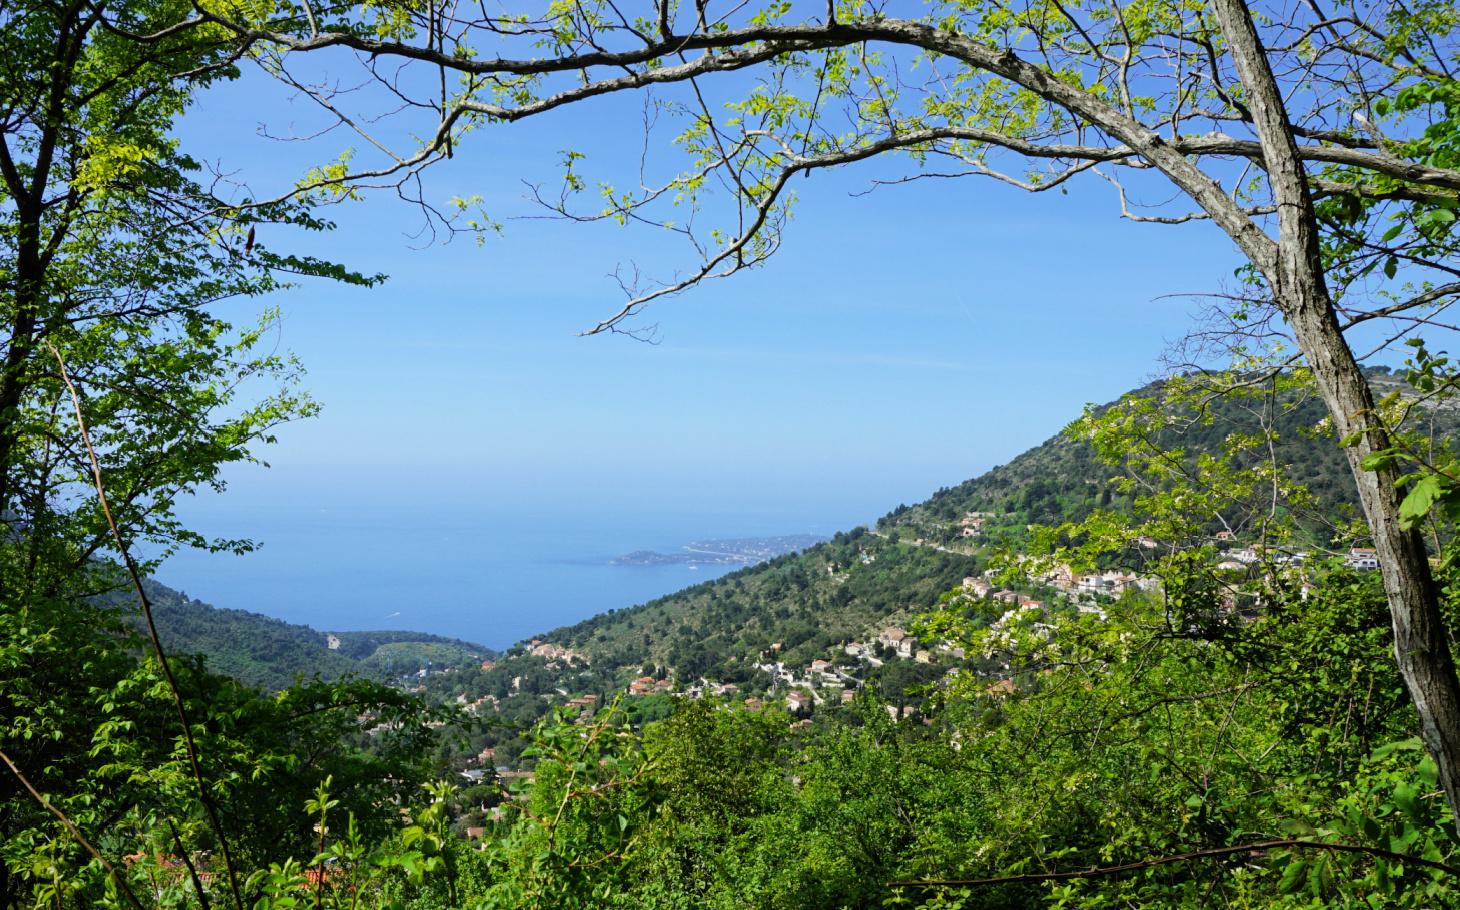 Glimpse of Cap Ferrat